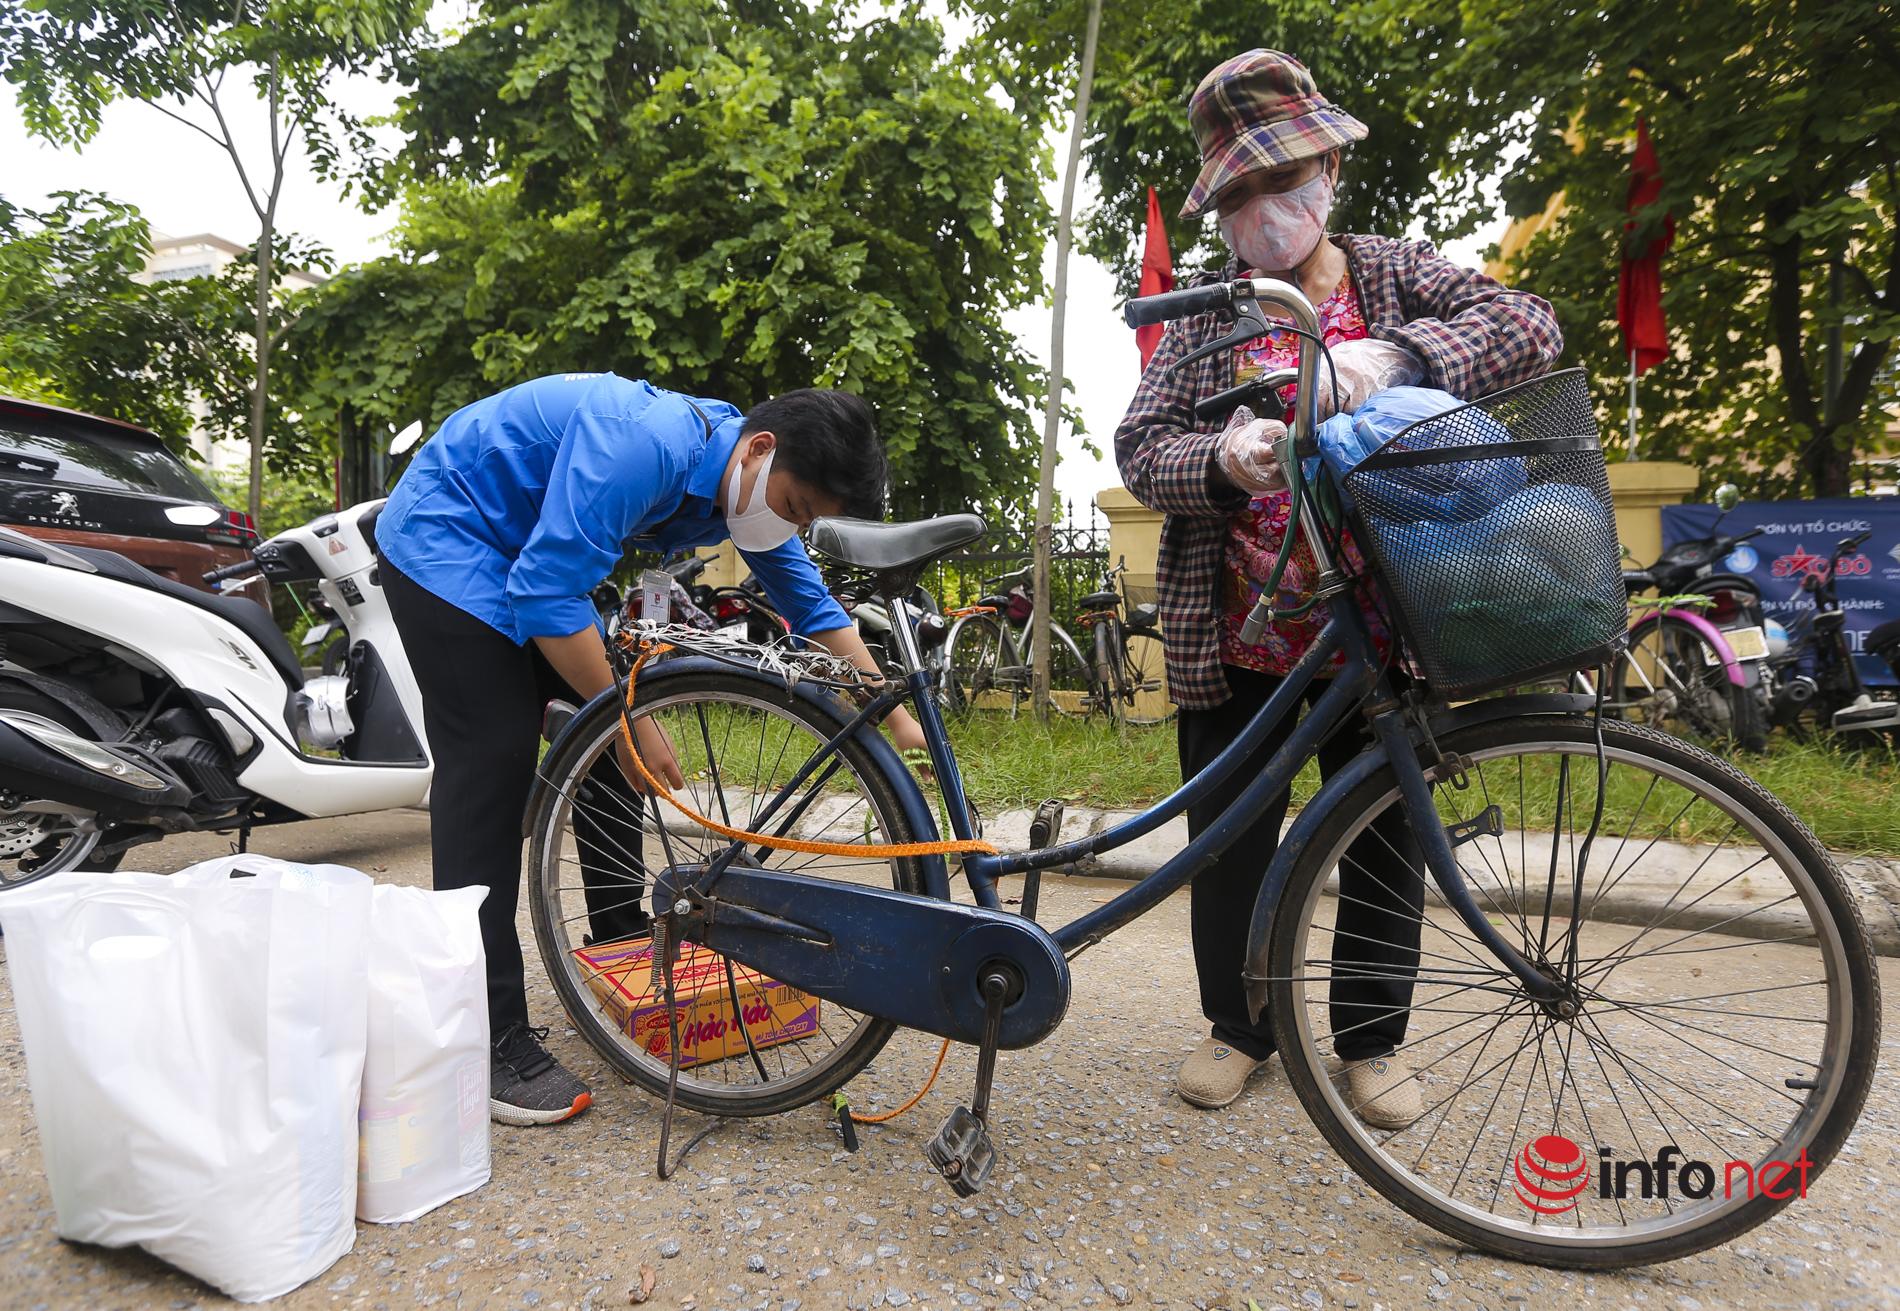 Siêu thị mini 0 đồng giúp đỡ người khó khăn ở Hà Nội